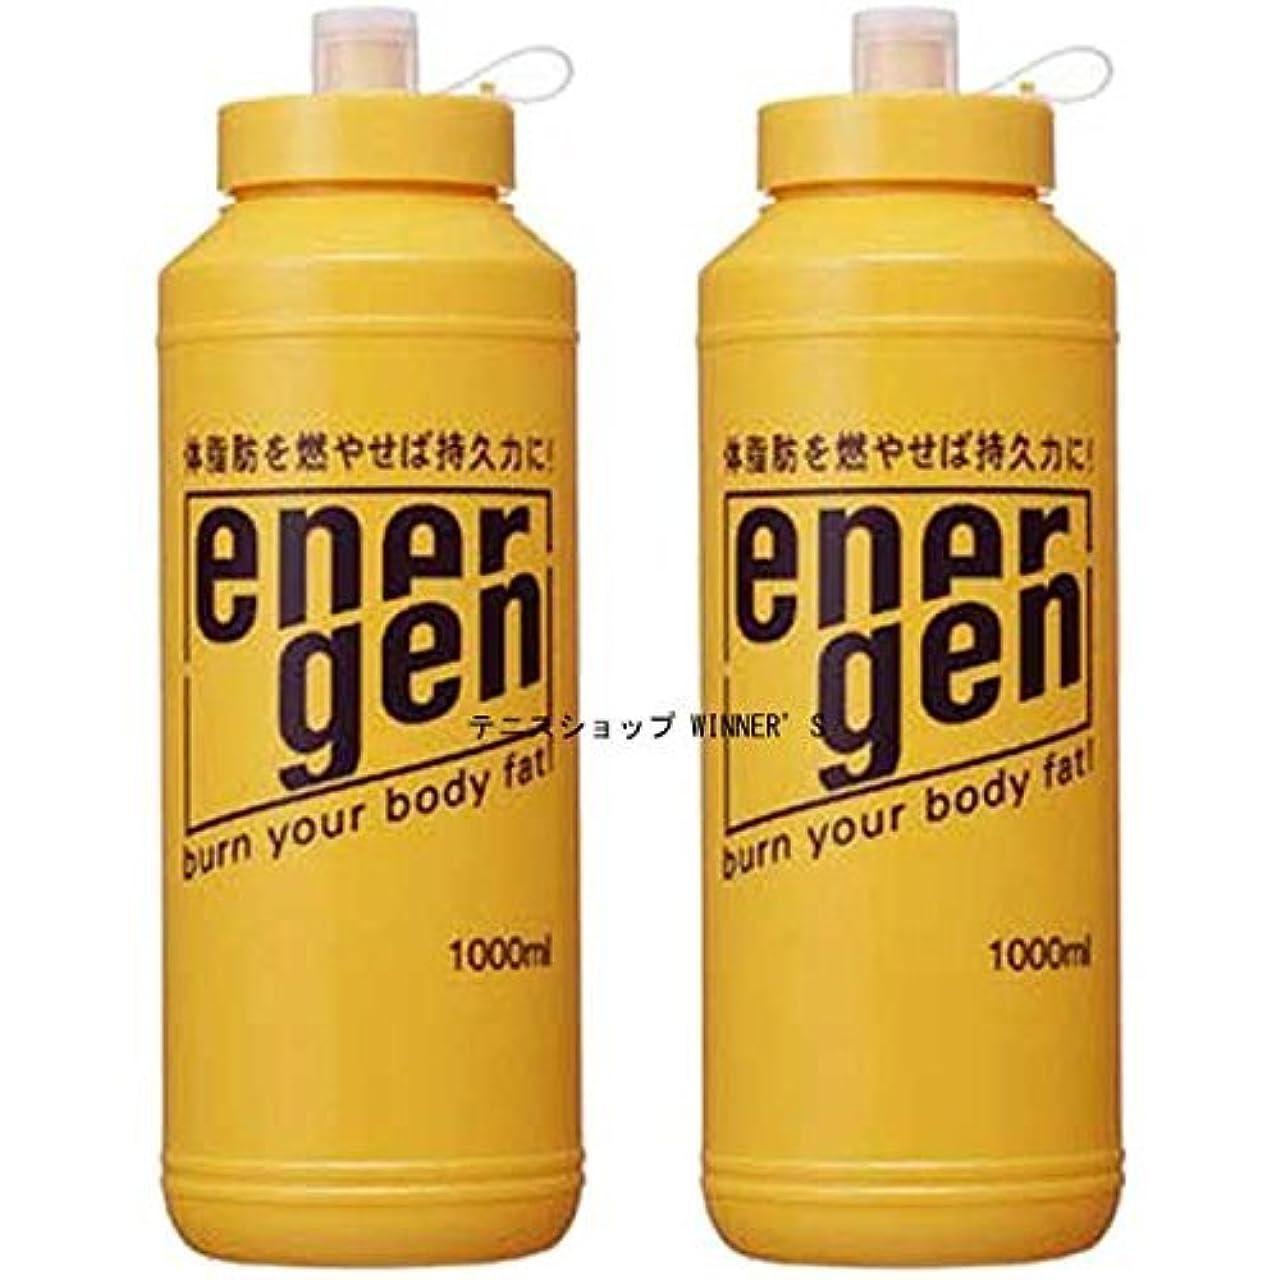 ポーク形式文芸大塚製薬 エネルゲン スクイズボトル 1L用×2本 2本セット 55651-2SET